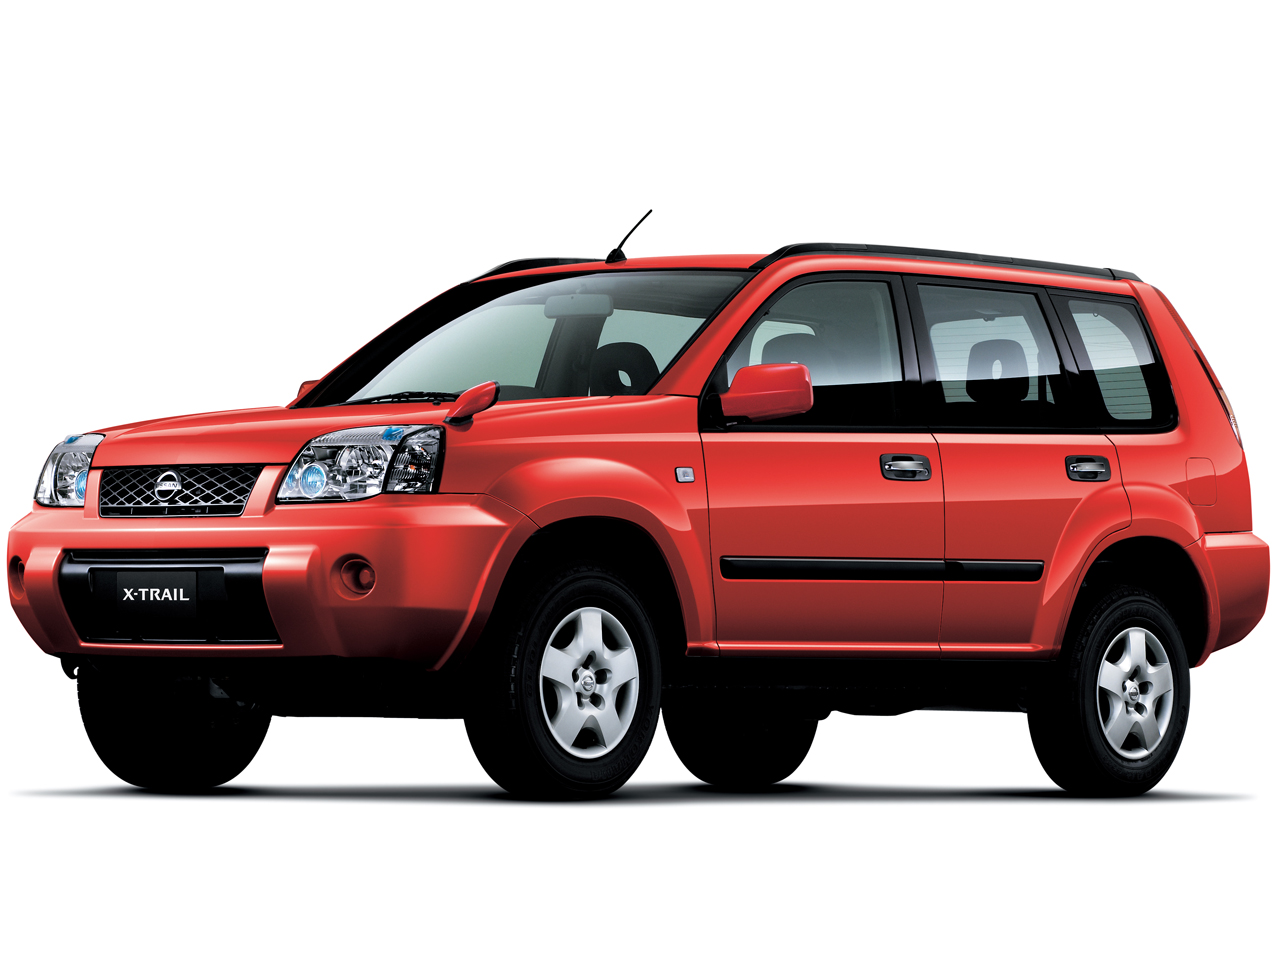 日産 エクストレイル 2000年モデル 新車画像